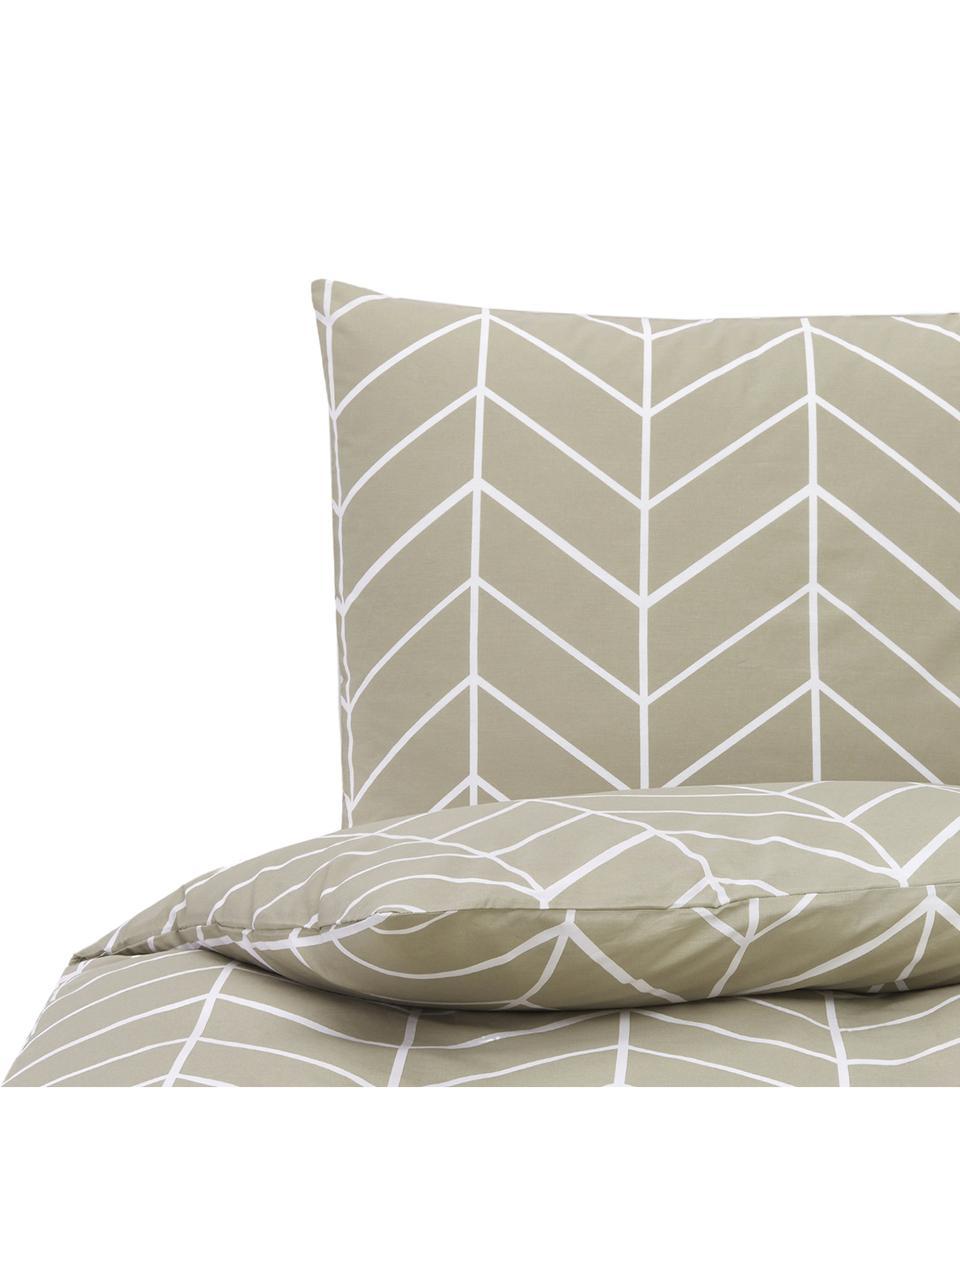 Baumwoll-Bettwäsche Mirja mit grafischem Muster, Webart: Renforcé Fadendichte 144 , Taupe, Cremeweiß, 240 x 220 cm + 2 Kissen 80 x 80 cm